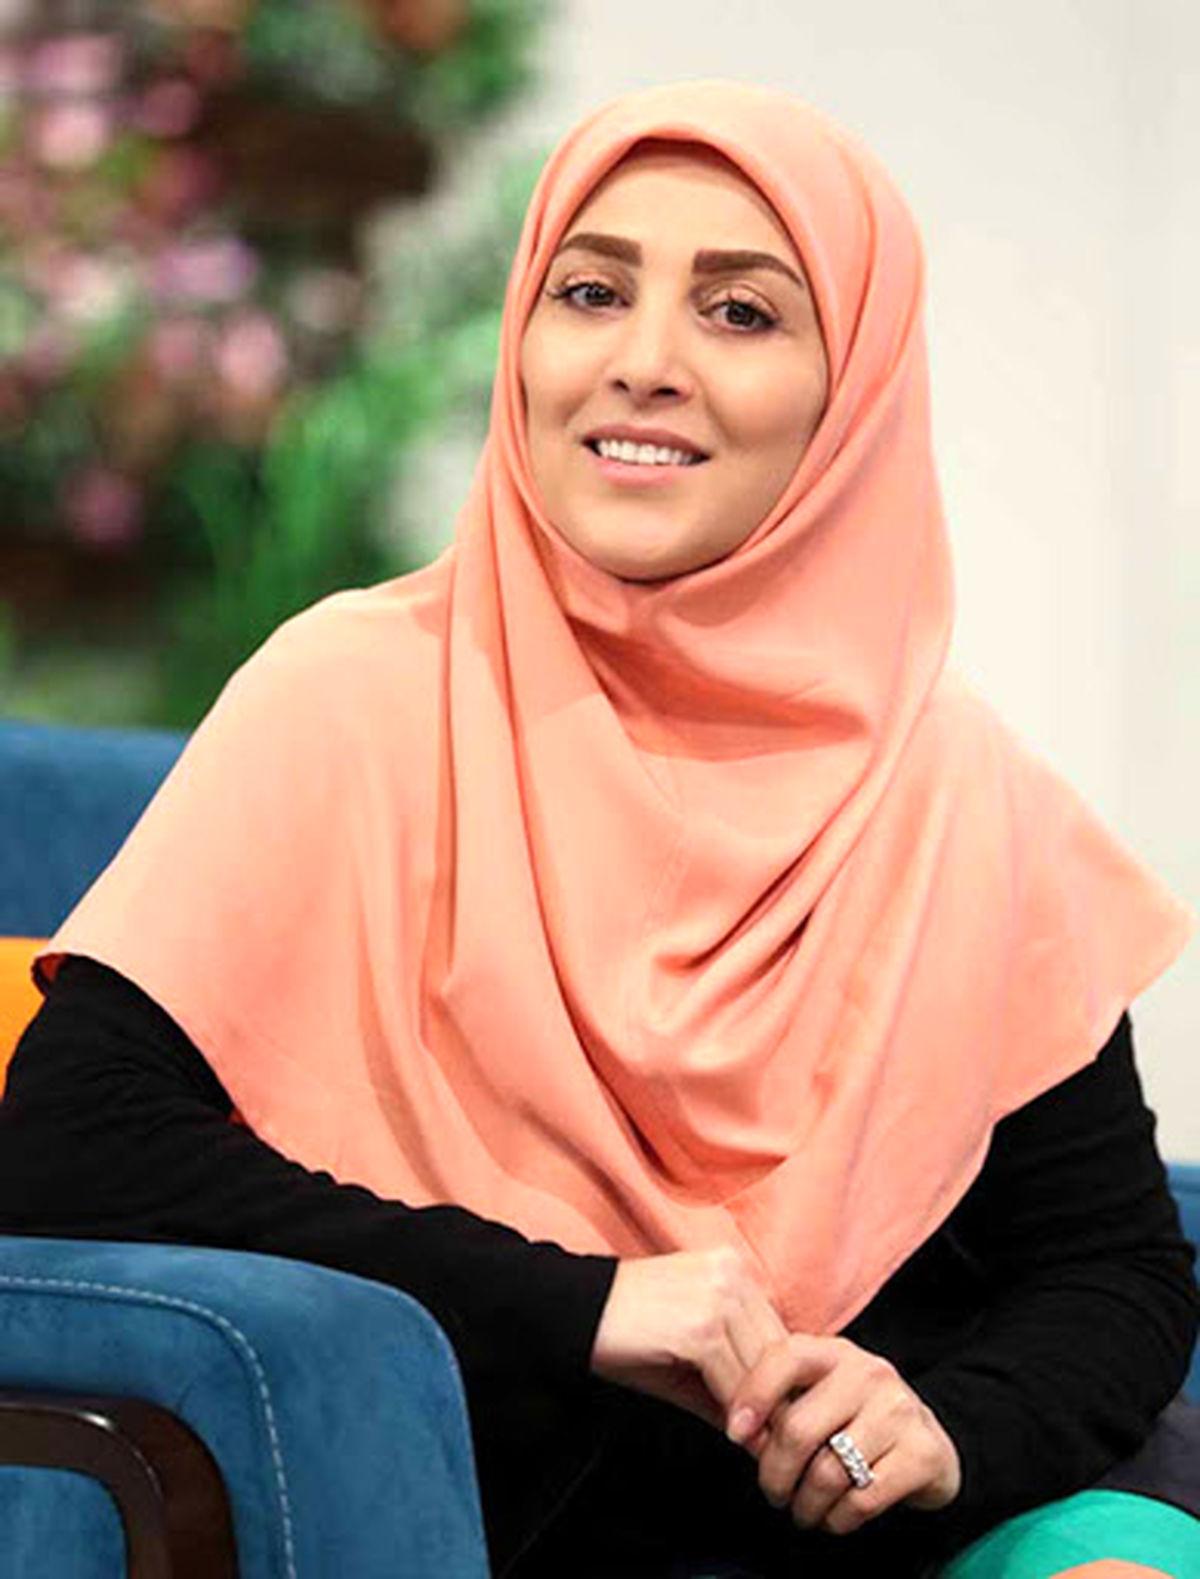 انصراف ژیلا صادقی از اجرای یک مسابقه آشپزی